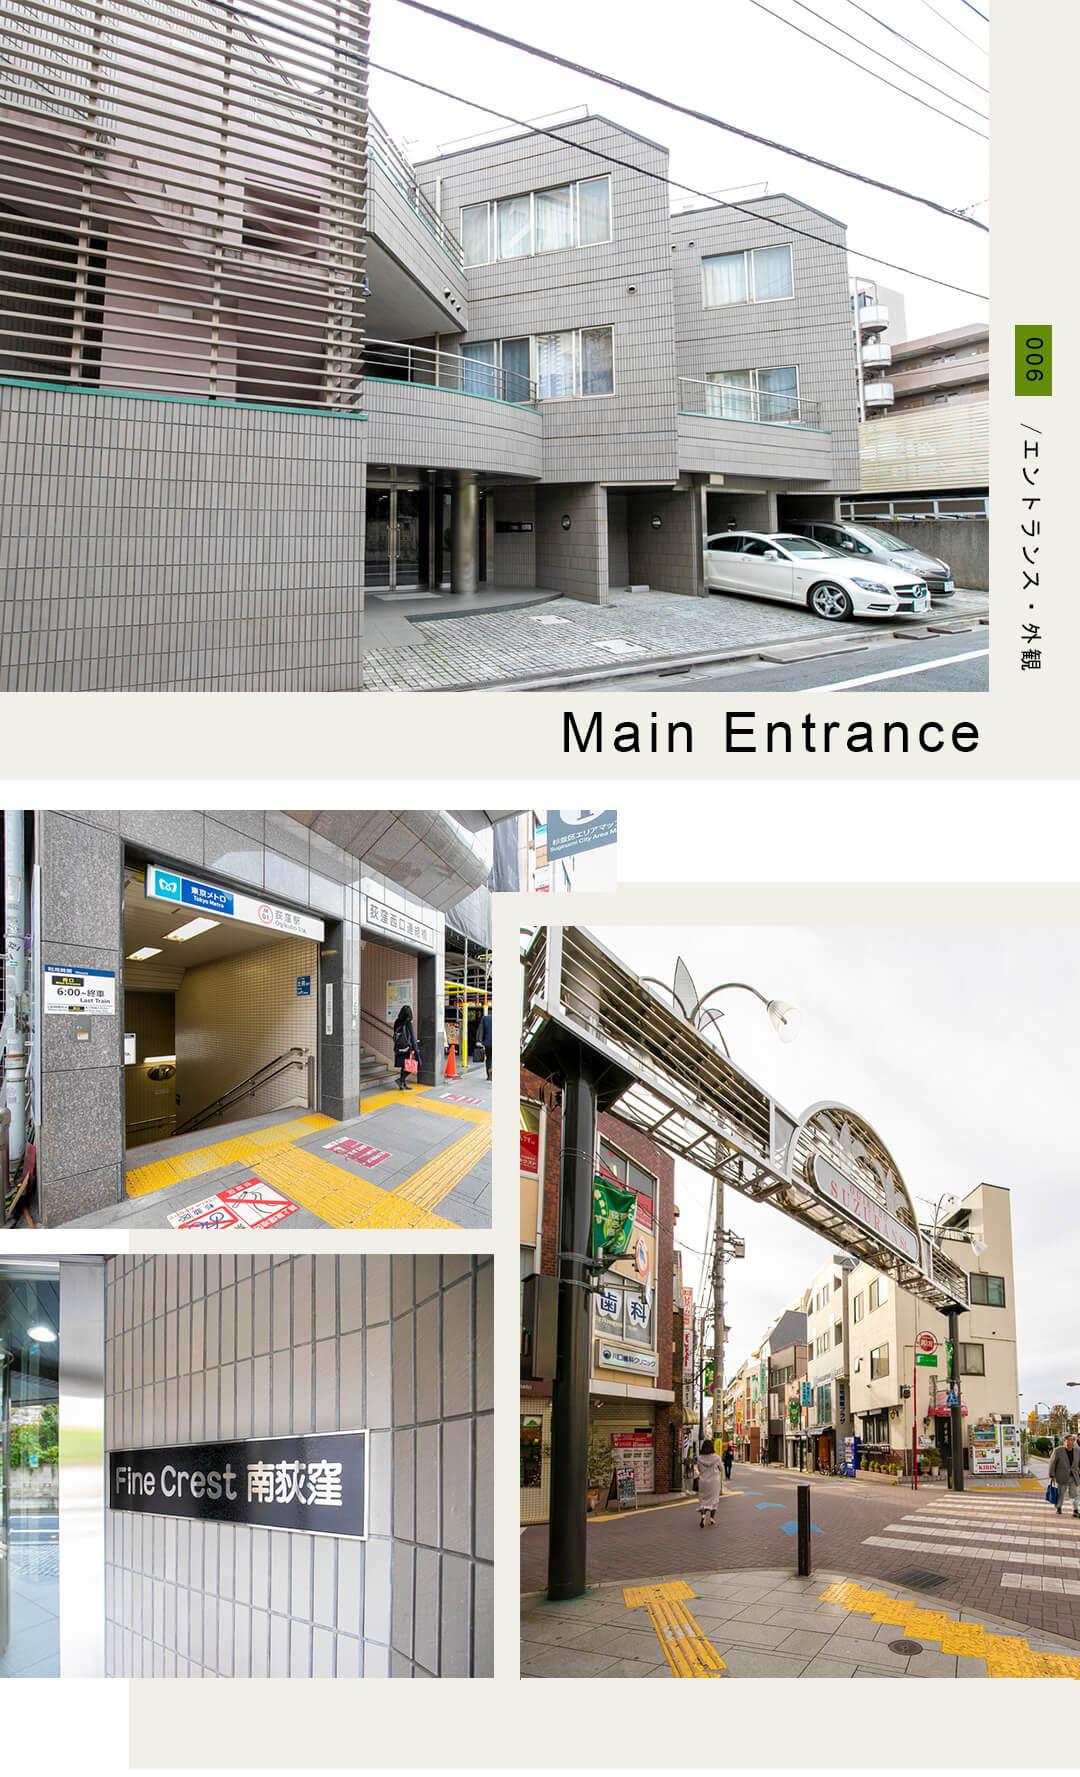 006エントランス,外観,Main Entrance